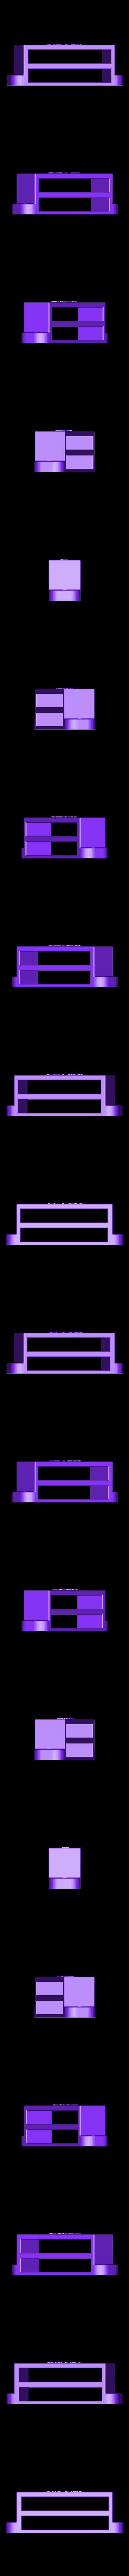 SRS_A1_DUAL_MAGAZINE_WALL_MOUNT.STL Télécharger fichier STL SRS A1 DOUBLE SUPPORT MURAL POUR MAGAZINES • Plan pour impression 3D, SANCAKTAR